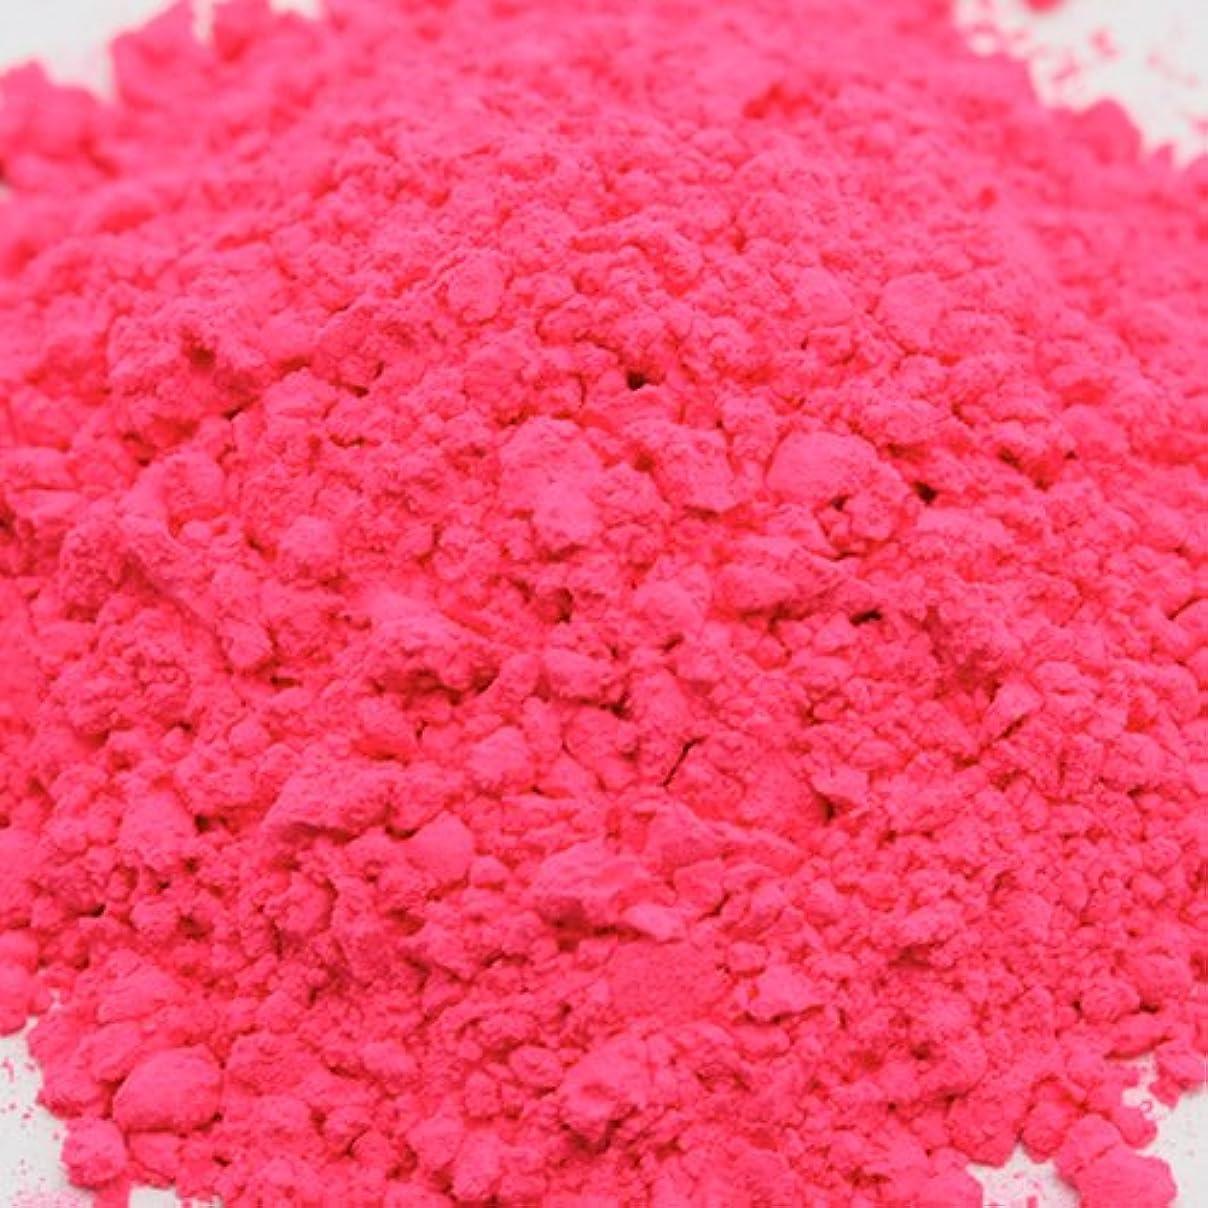 最近鹿フレームワークキャンディカラー ライトピンク 5g 【手作り石鹸/手作りコスメ/色付け/カラーラント】